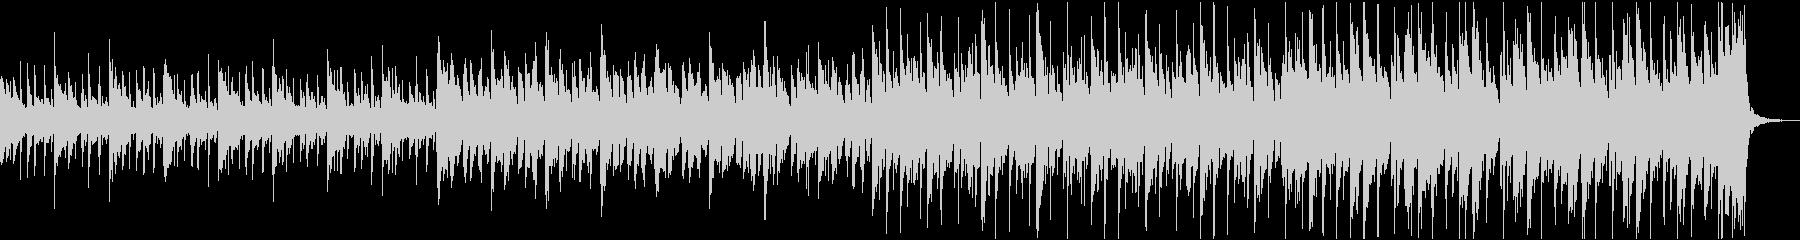 壮大シネマティックエピックトレーラーbの未再生の波形